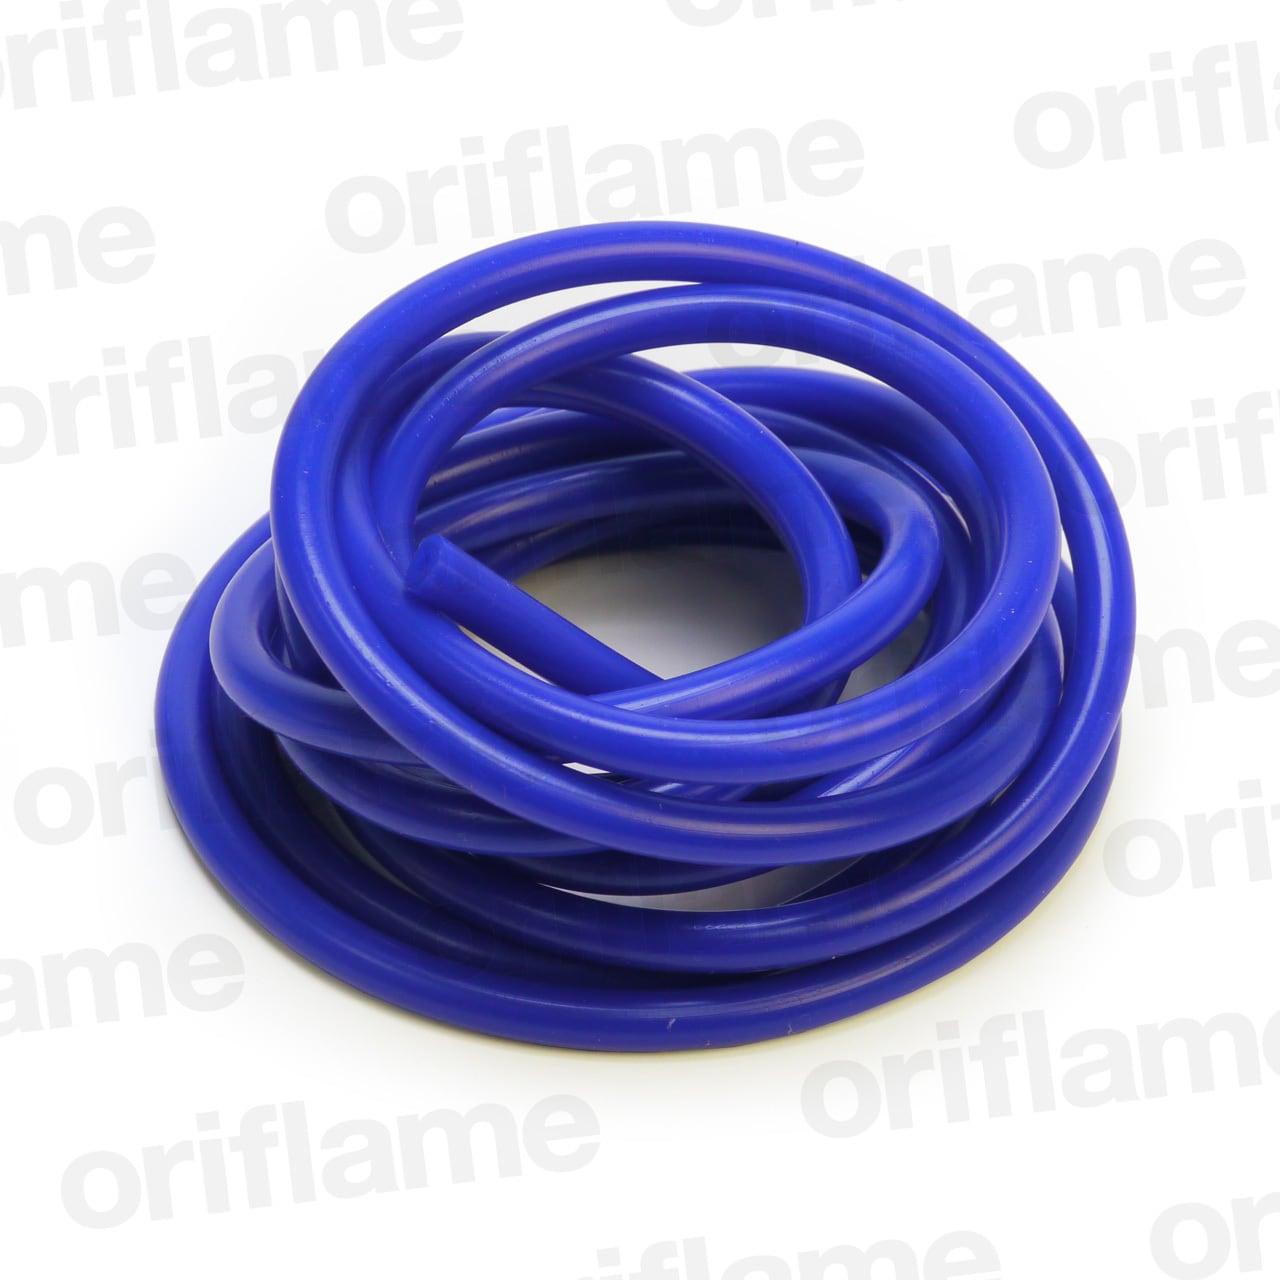 バキュームホース・内径3mm・ブルー・3m